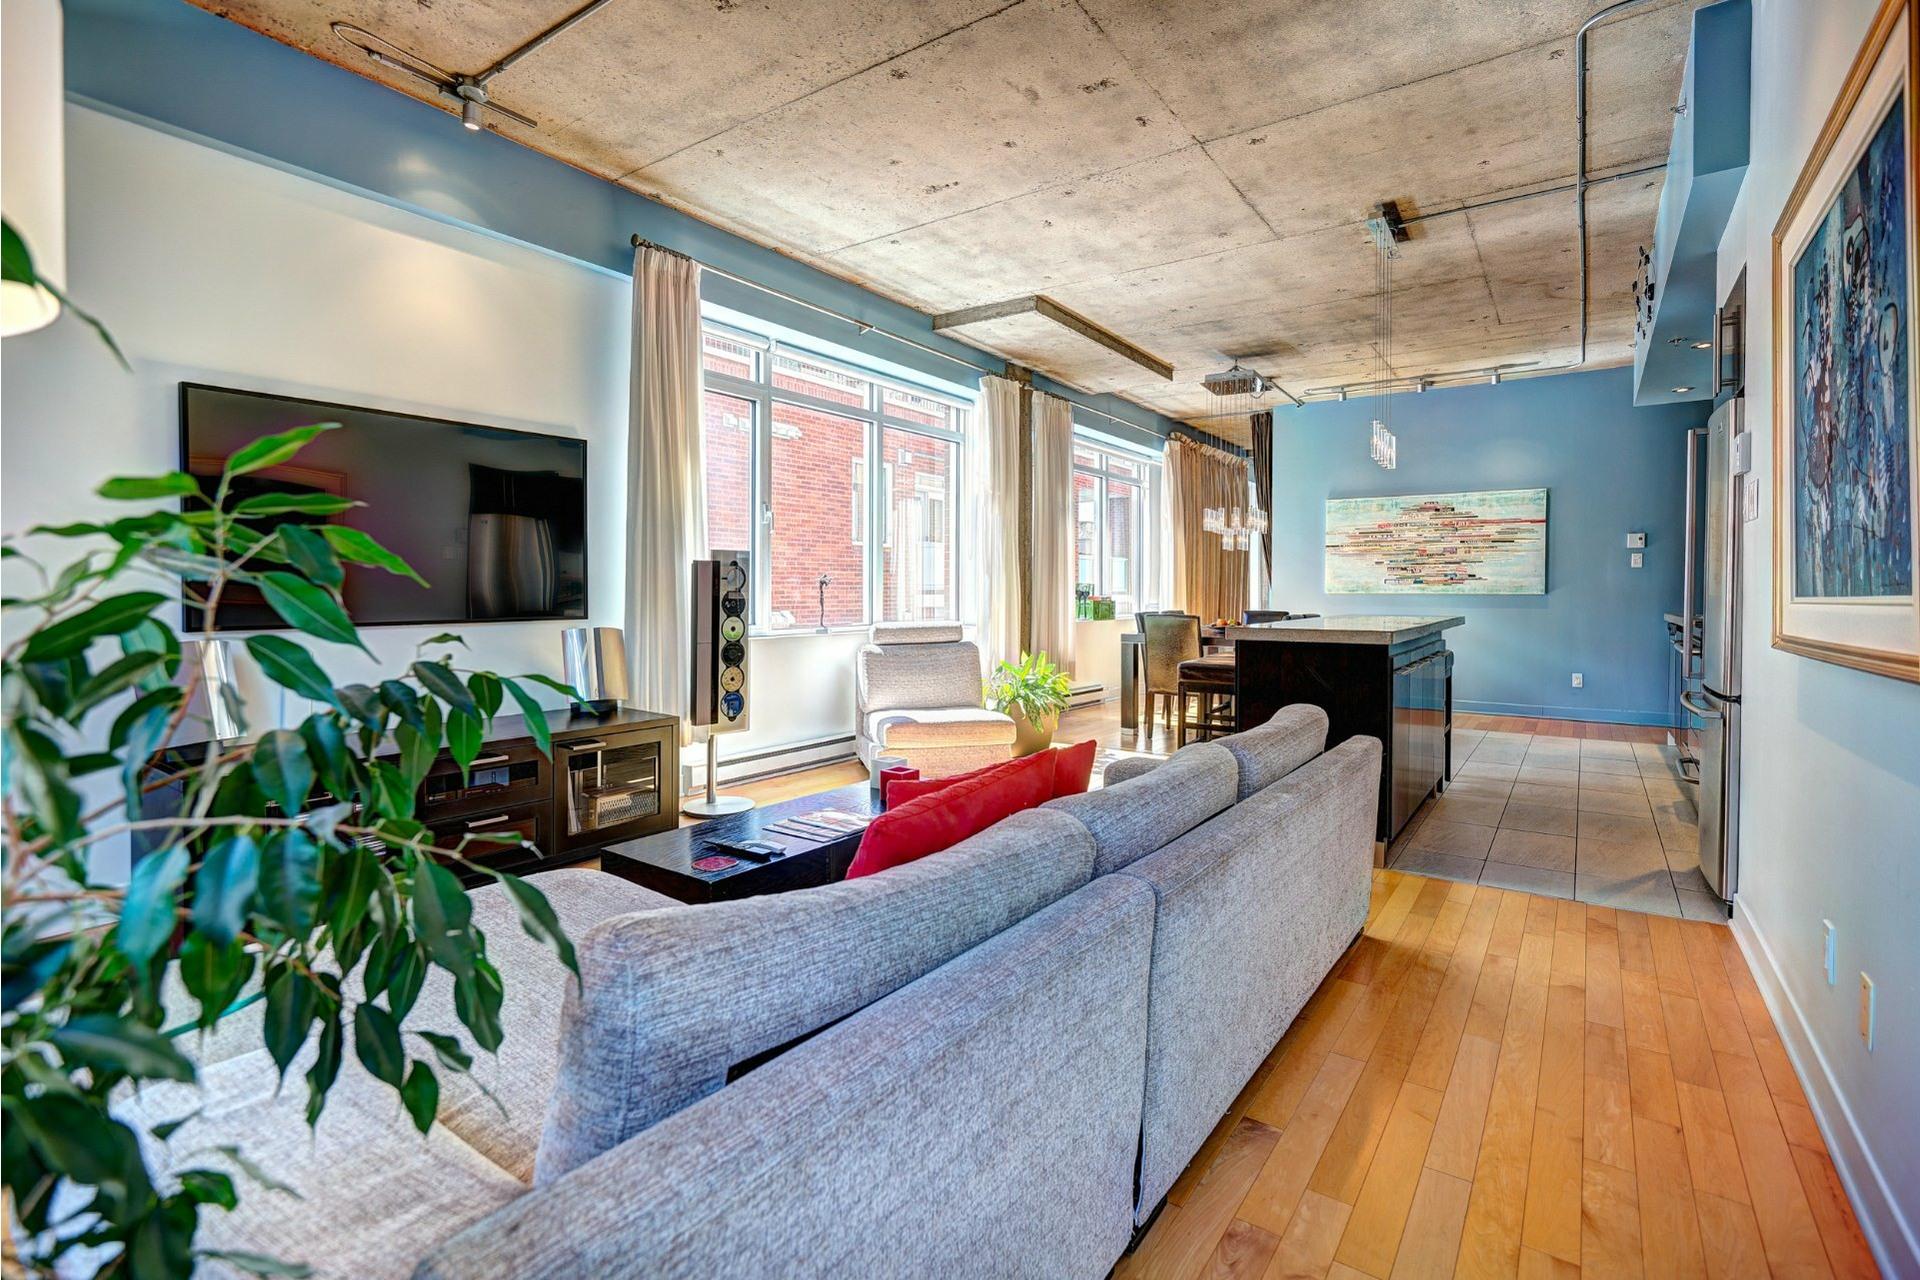 image 15 - Appartement À louer Villeray/Saint-Michel/Parc-Extension Montréal  - 8 pièces